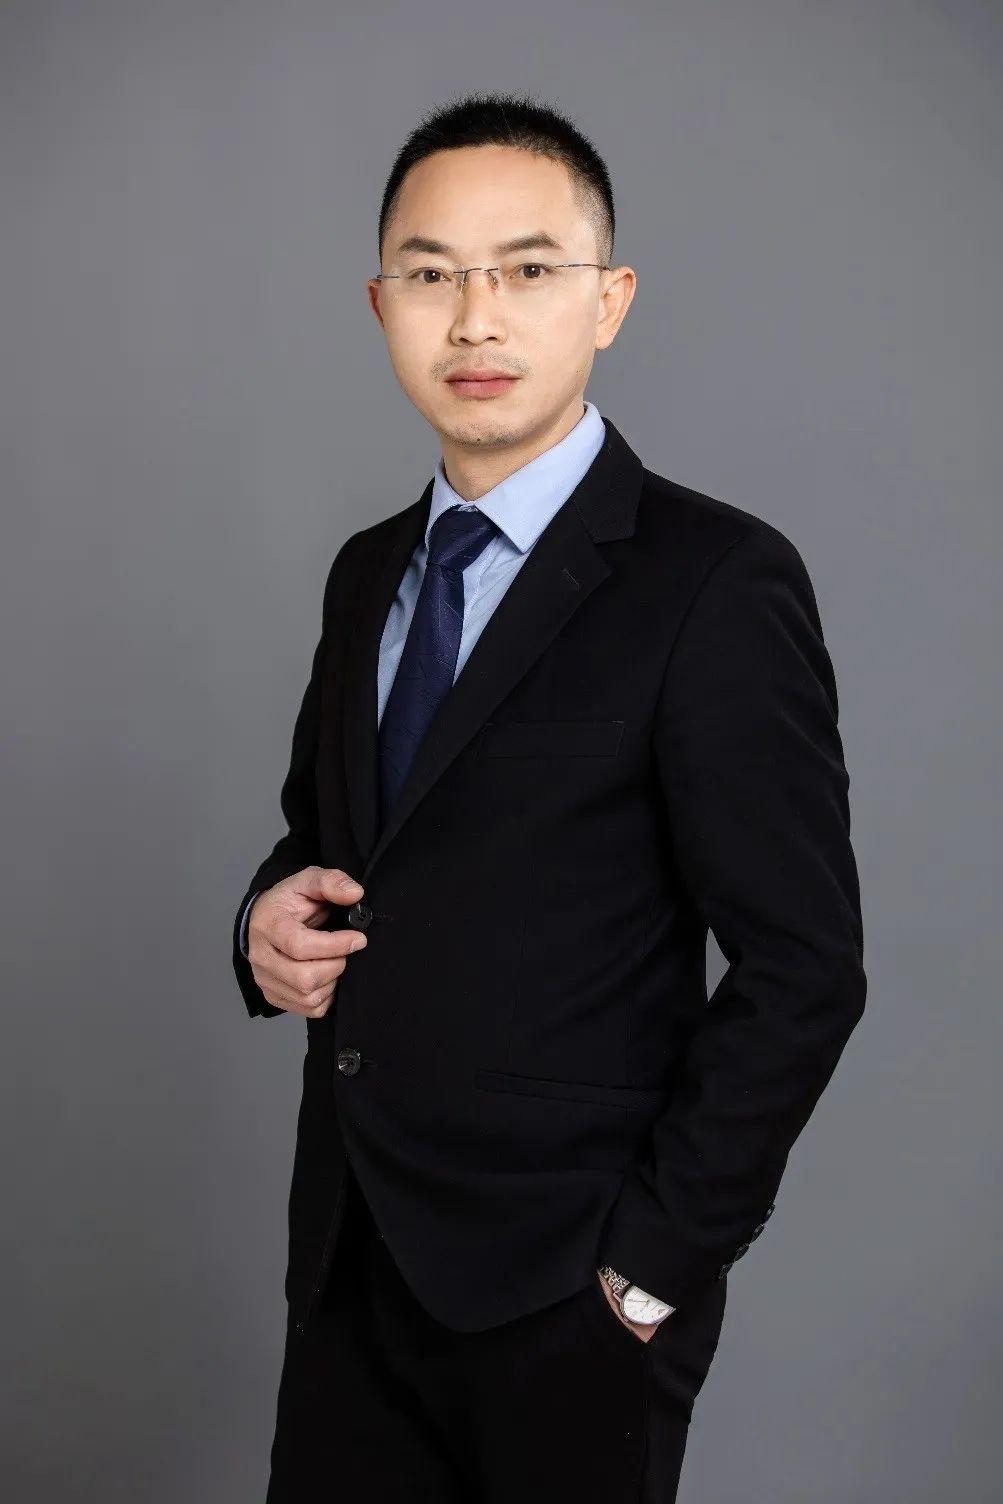 爱智贞蒋伟:为智慧酒店做减法,爱智贞实现逆势增长